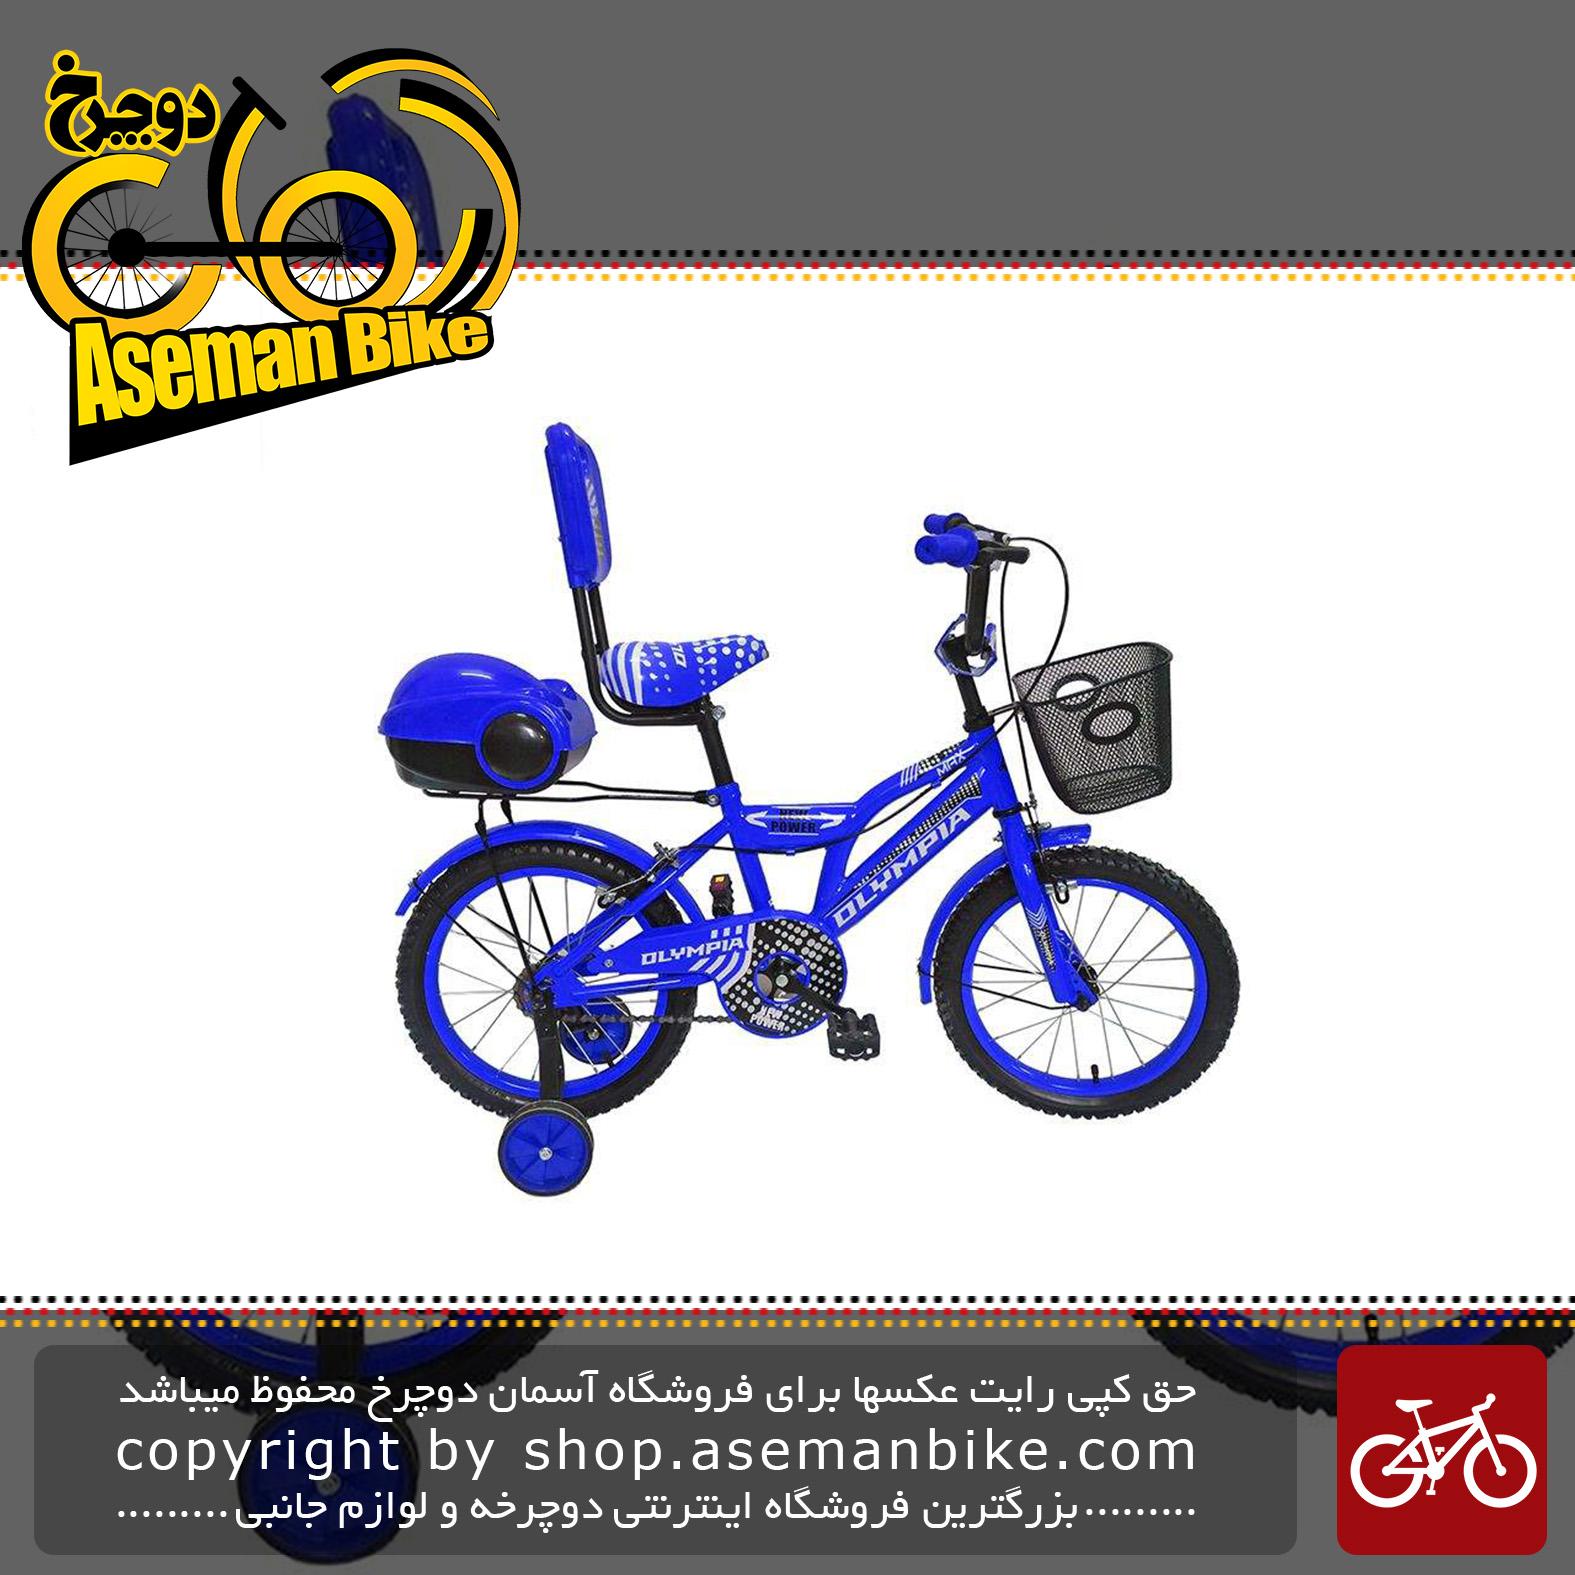 دوچرخه سواری بچه گانه المپیا مدل 16113 سایز Olympia 16113 سایز Baby Bike Size 16 16